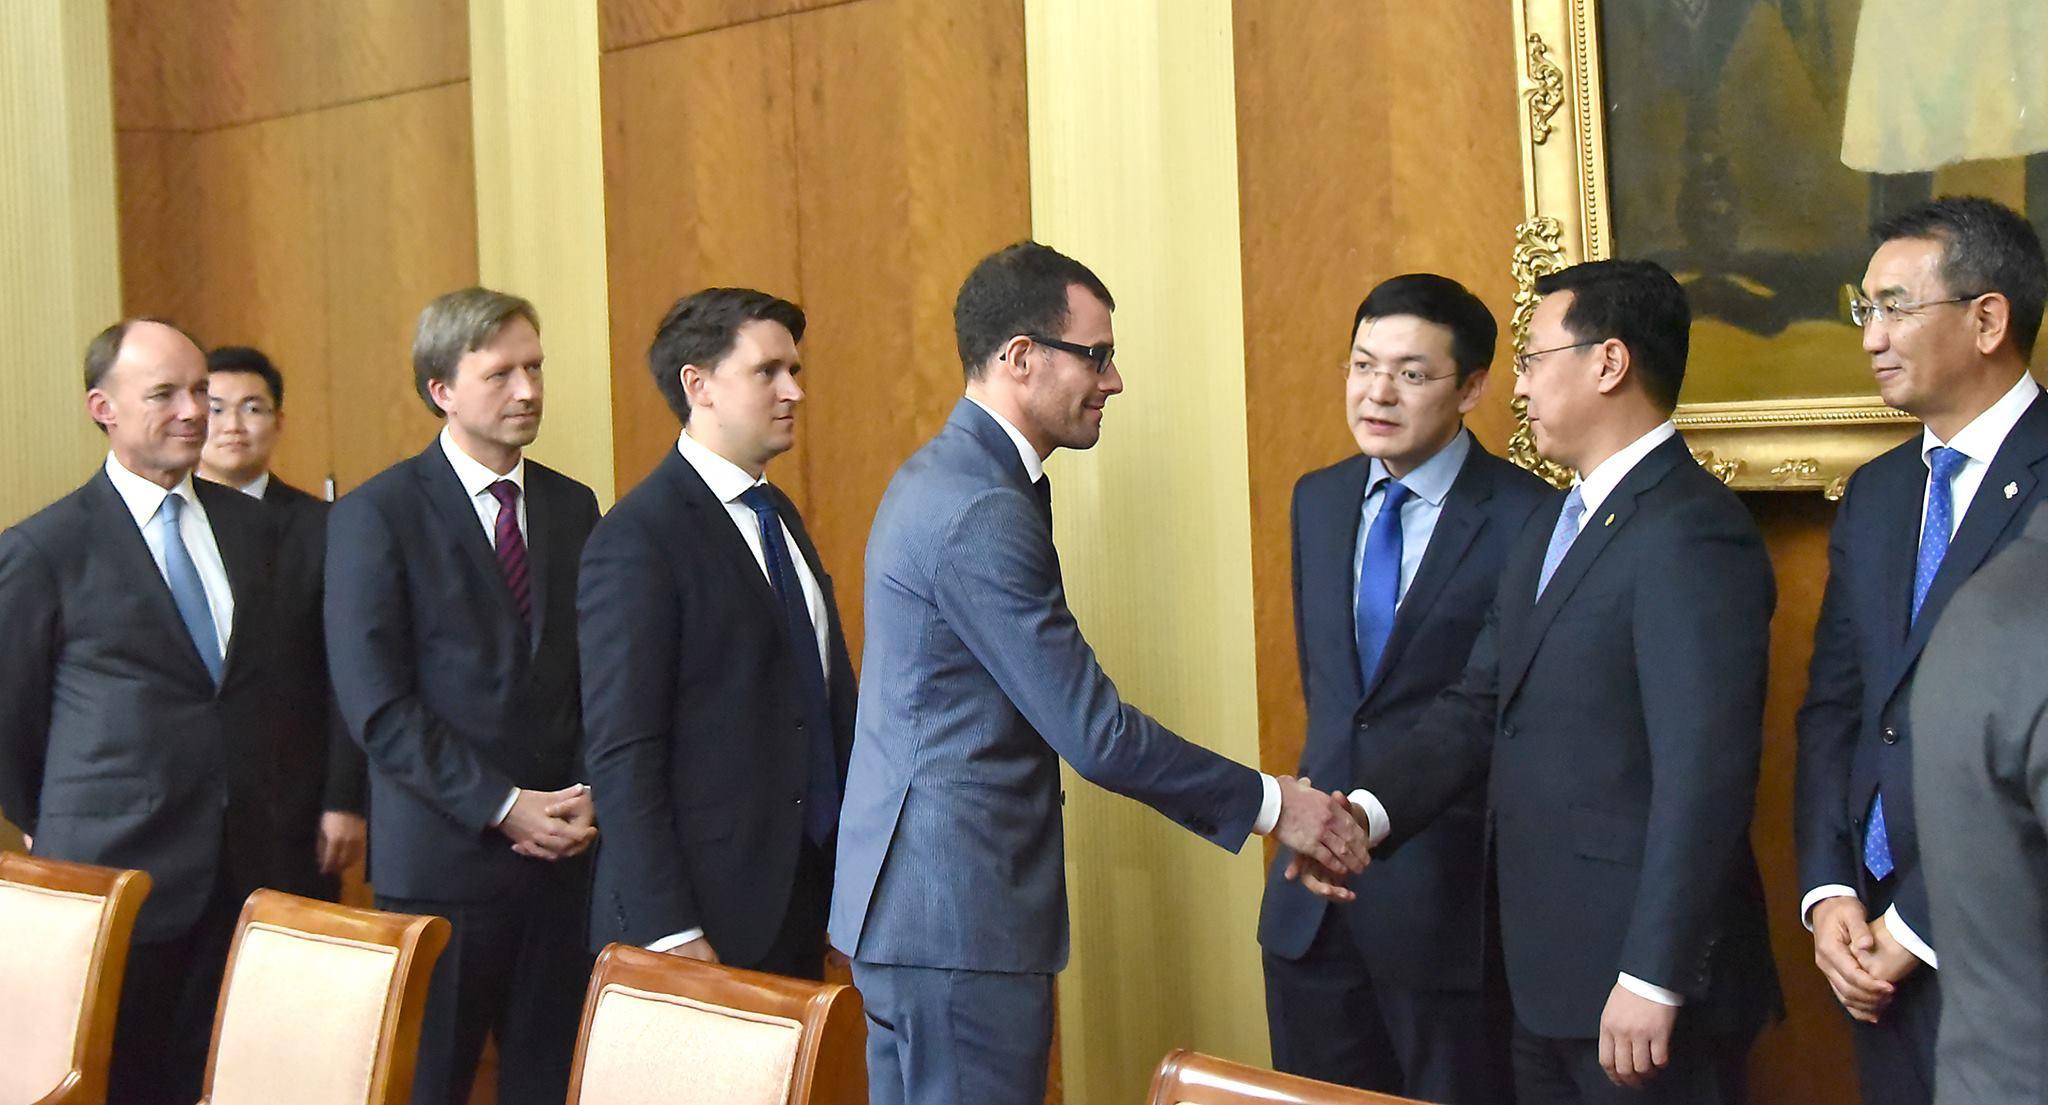 Европын холбоо болон түүний гишүүн орнуудаас Монгол Улсад суугаа, хавсран суугаа Элчин сайд нарыг хүлээн авч уулзлаа